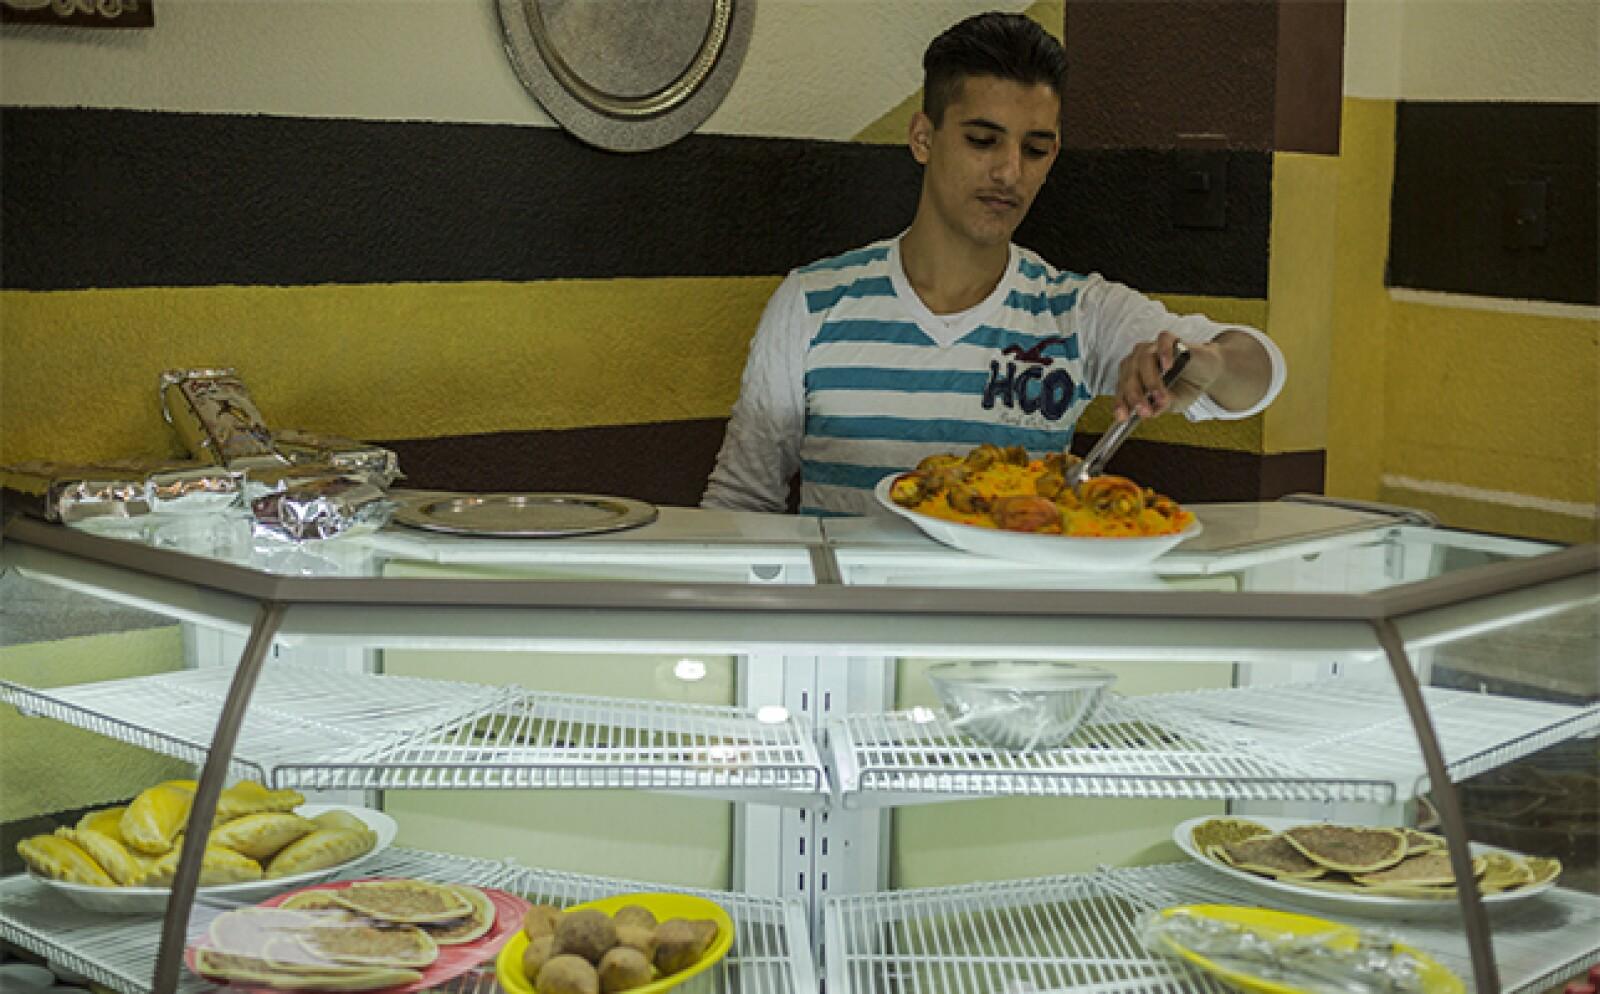 Ofrece una variedad de comida típica y bebidas árabes elaborados por la familia.